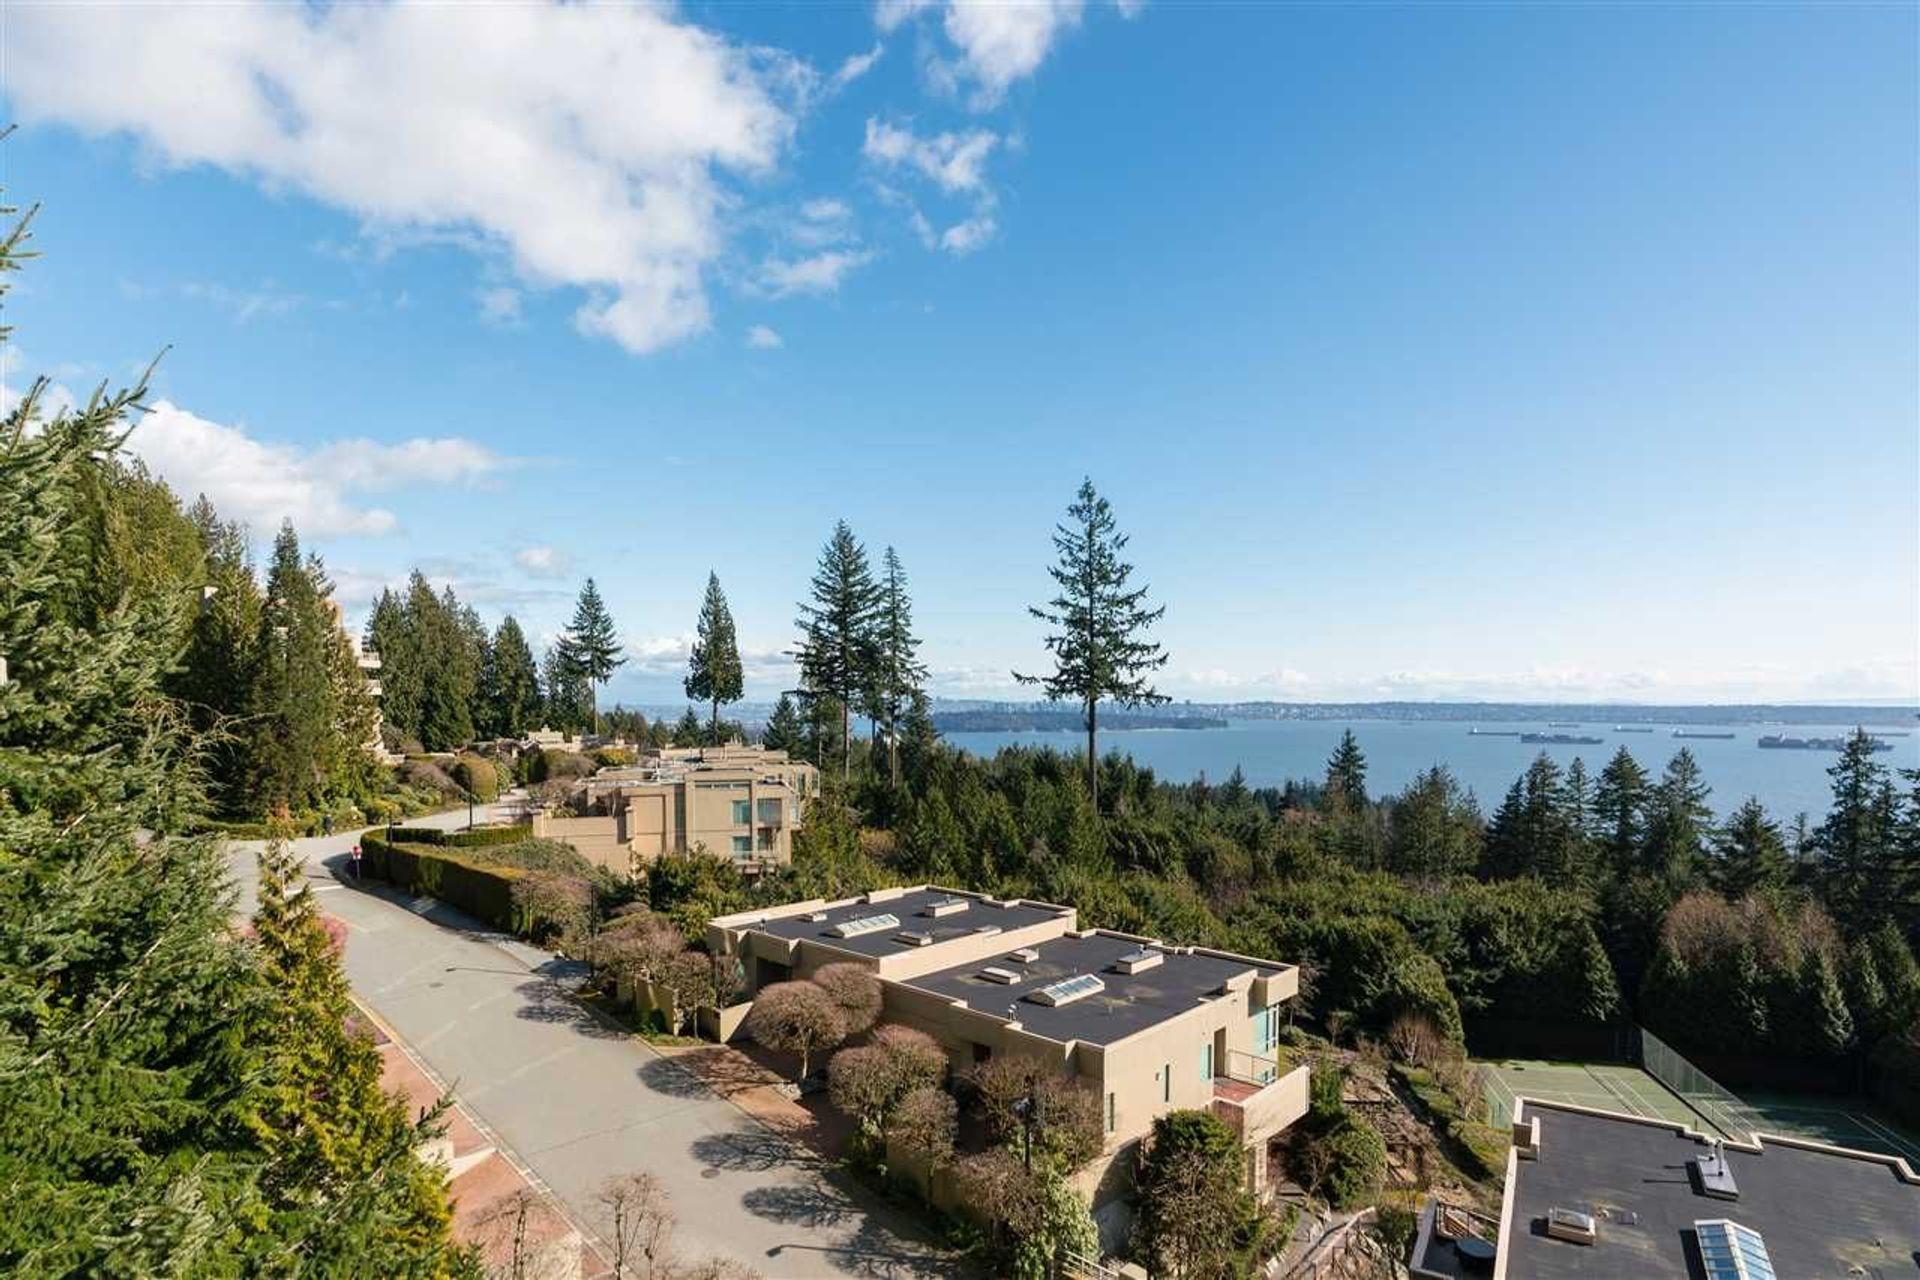 3131-deer-ridge-drive-deer-ridge-wv-west-vancouver-35 at 603 - 3131 Deer Ridge Drive, Deer Ridge WV, West Vancouver